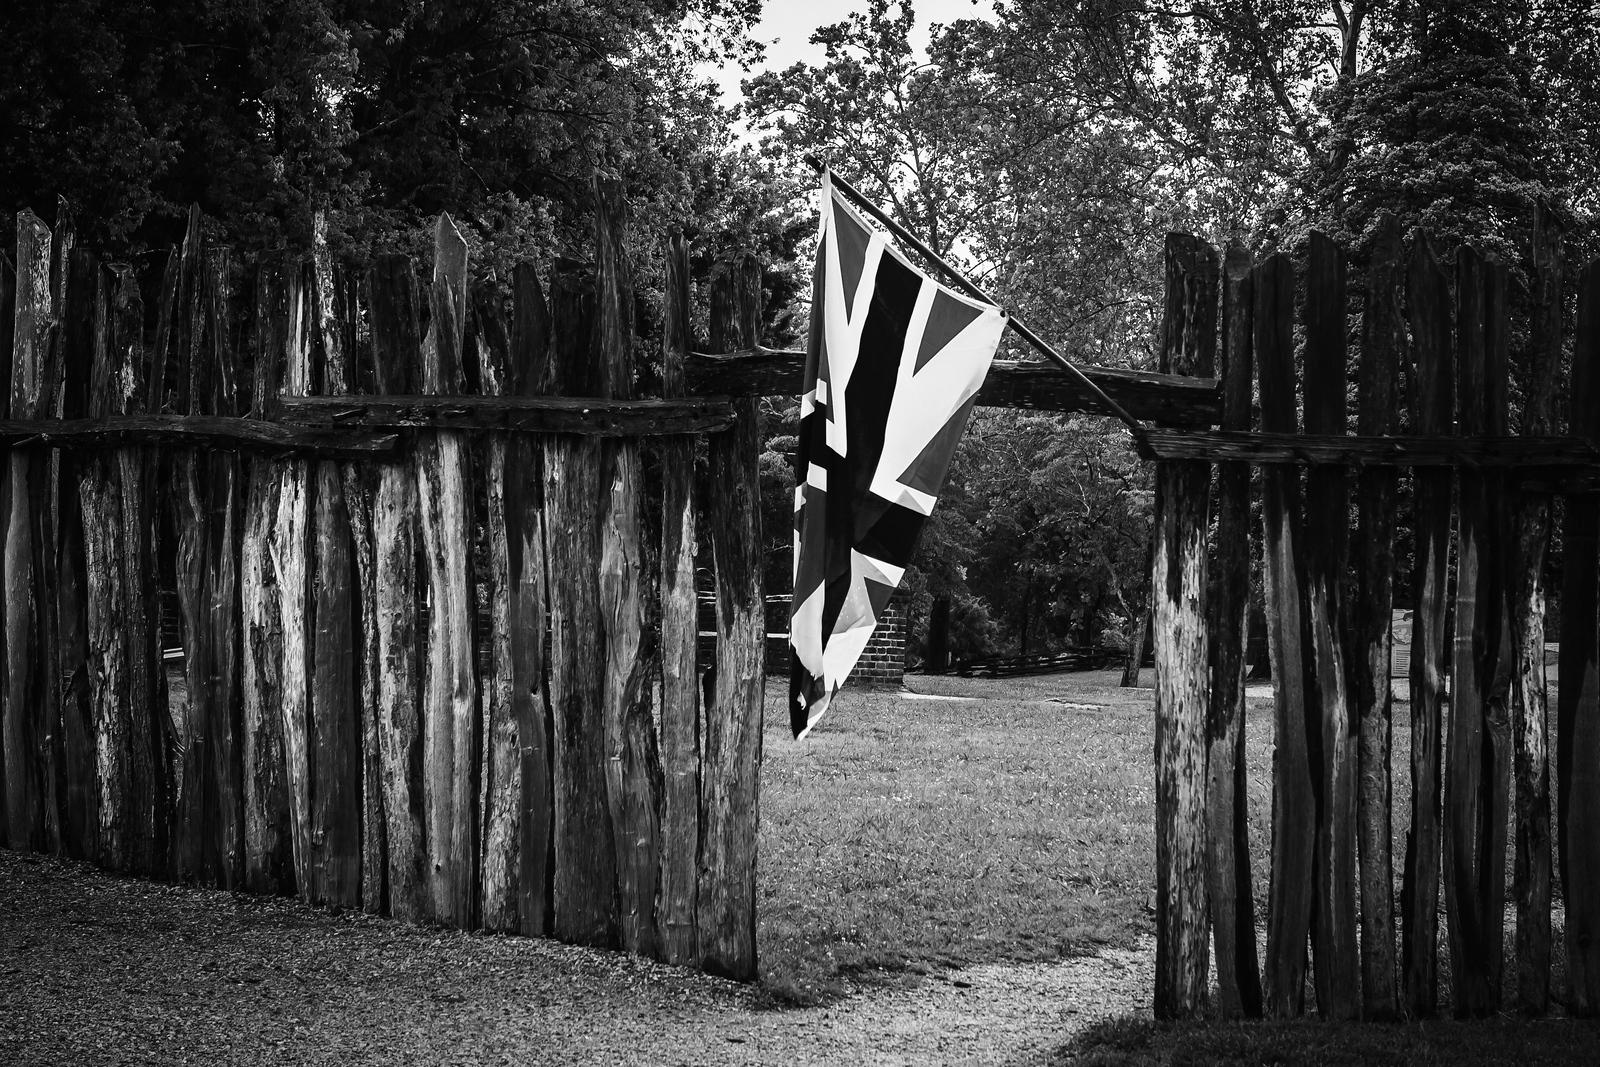 詹姆斯敦殖民地公园,保留古迹了解历史